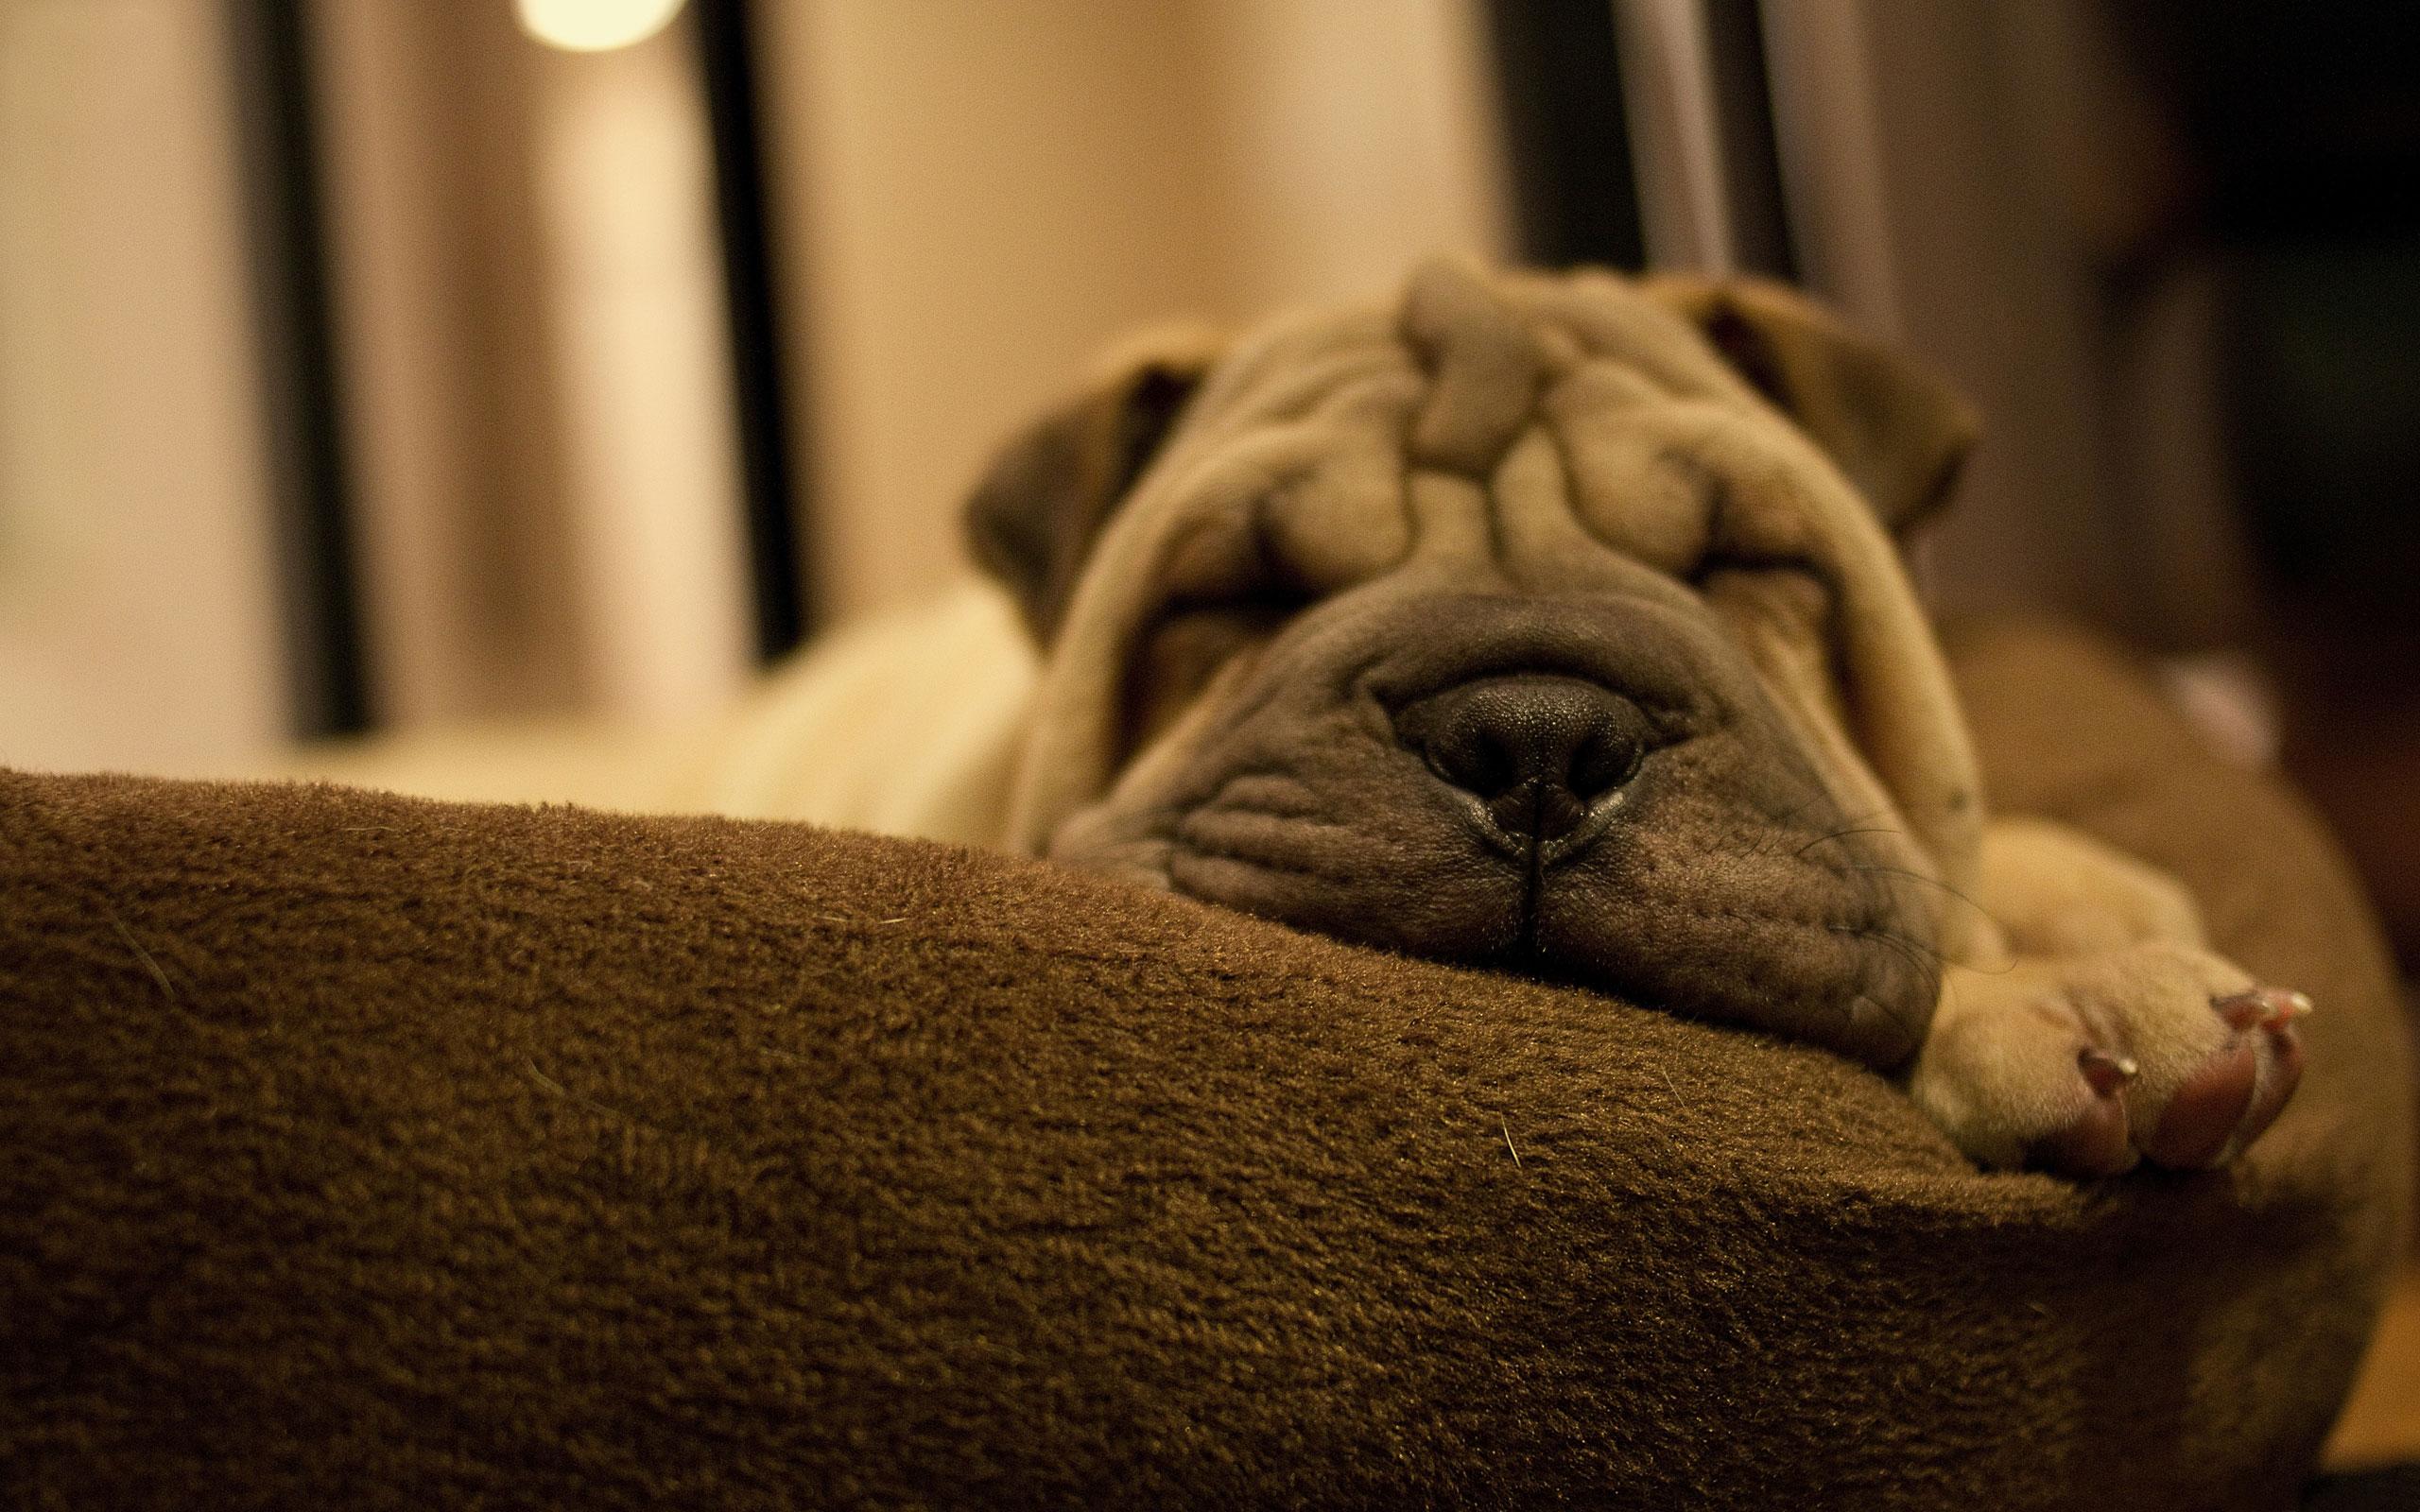 Shar Pei Puppy Sleep